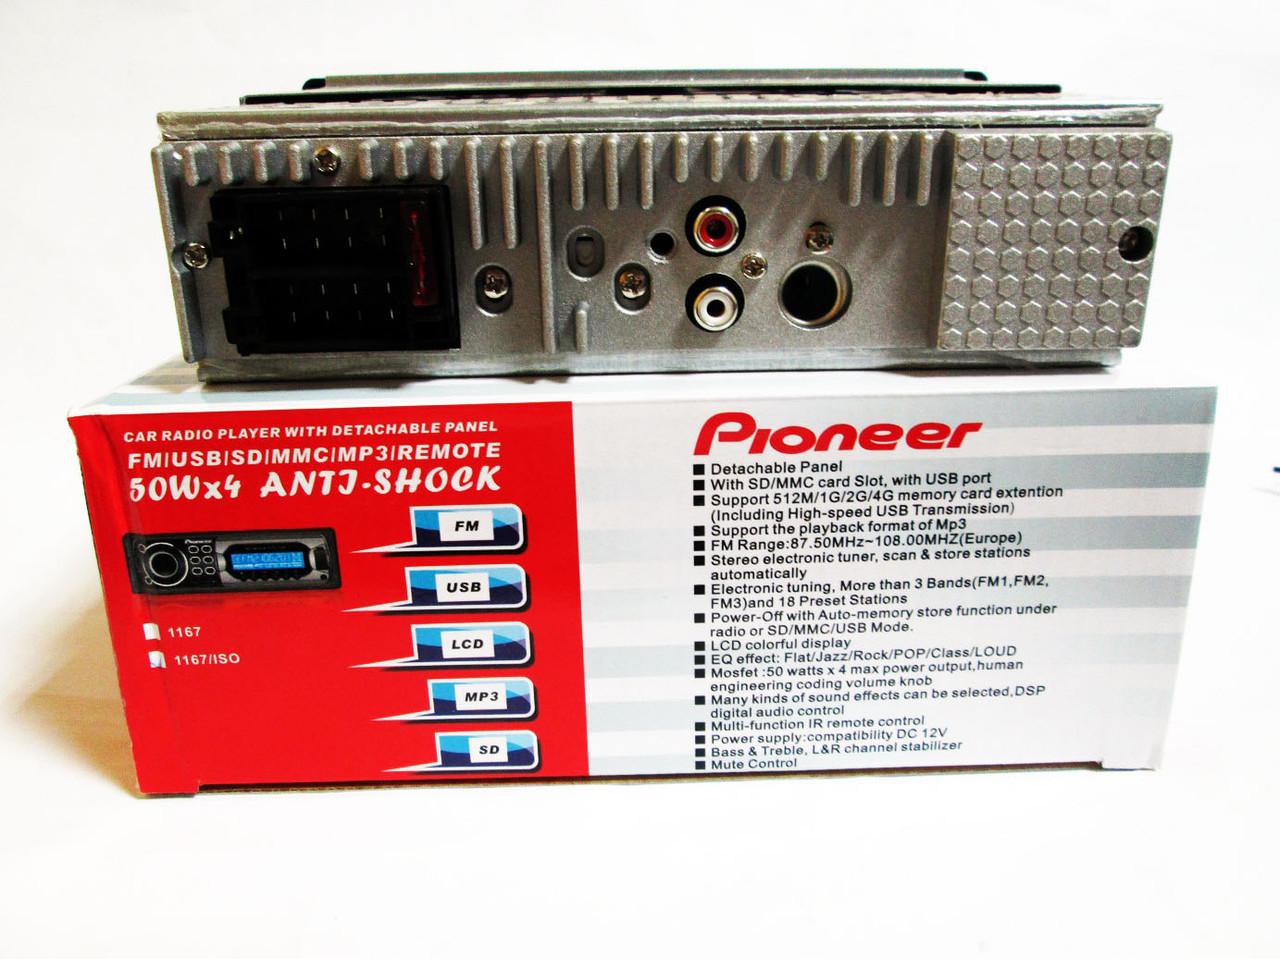 ... фото Автомагнитола Pioneer 1167 - USB+SD+AUX+FM (4x50W), ...